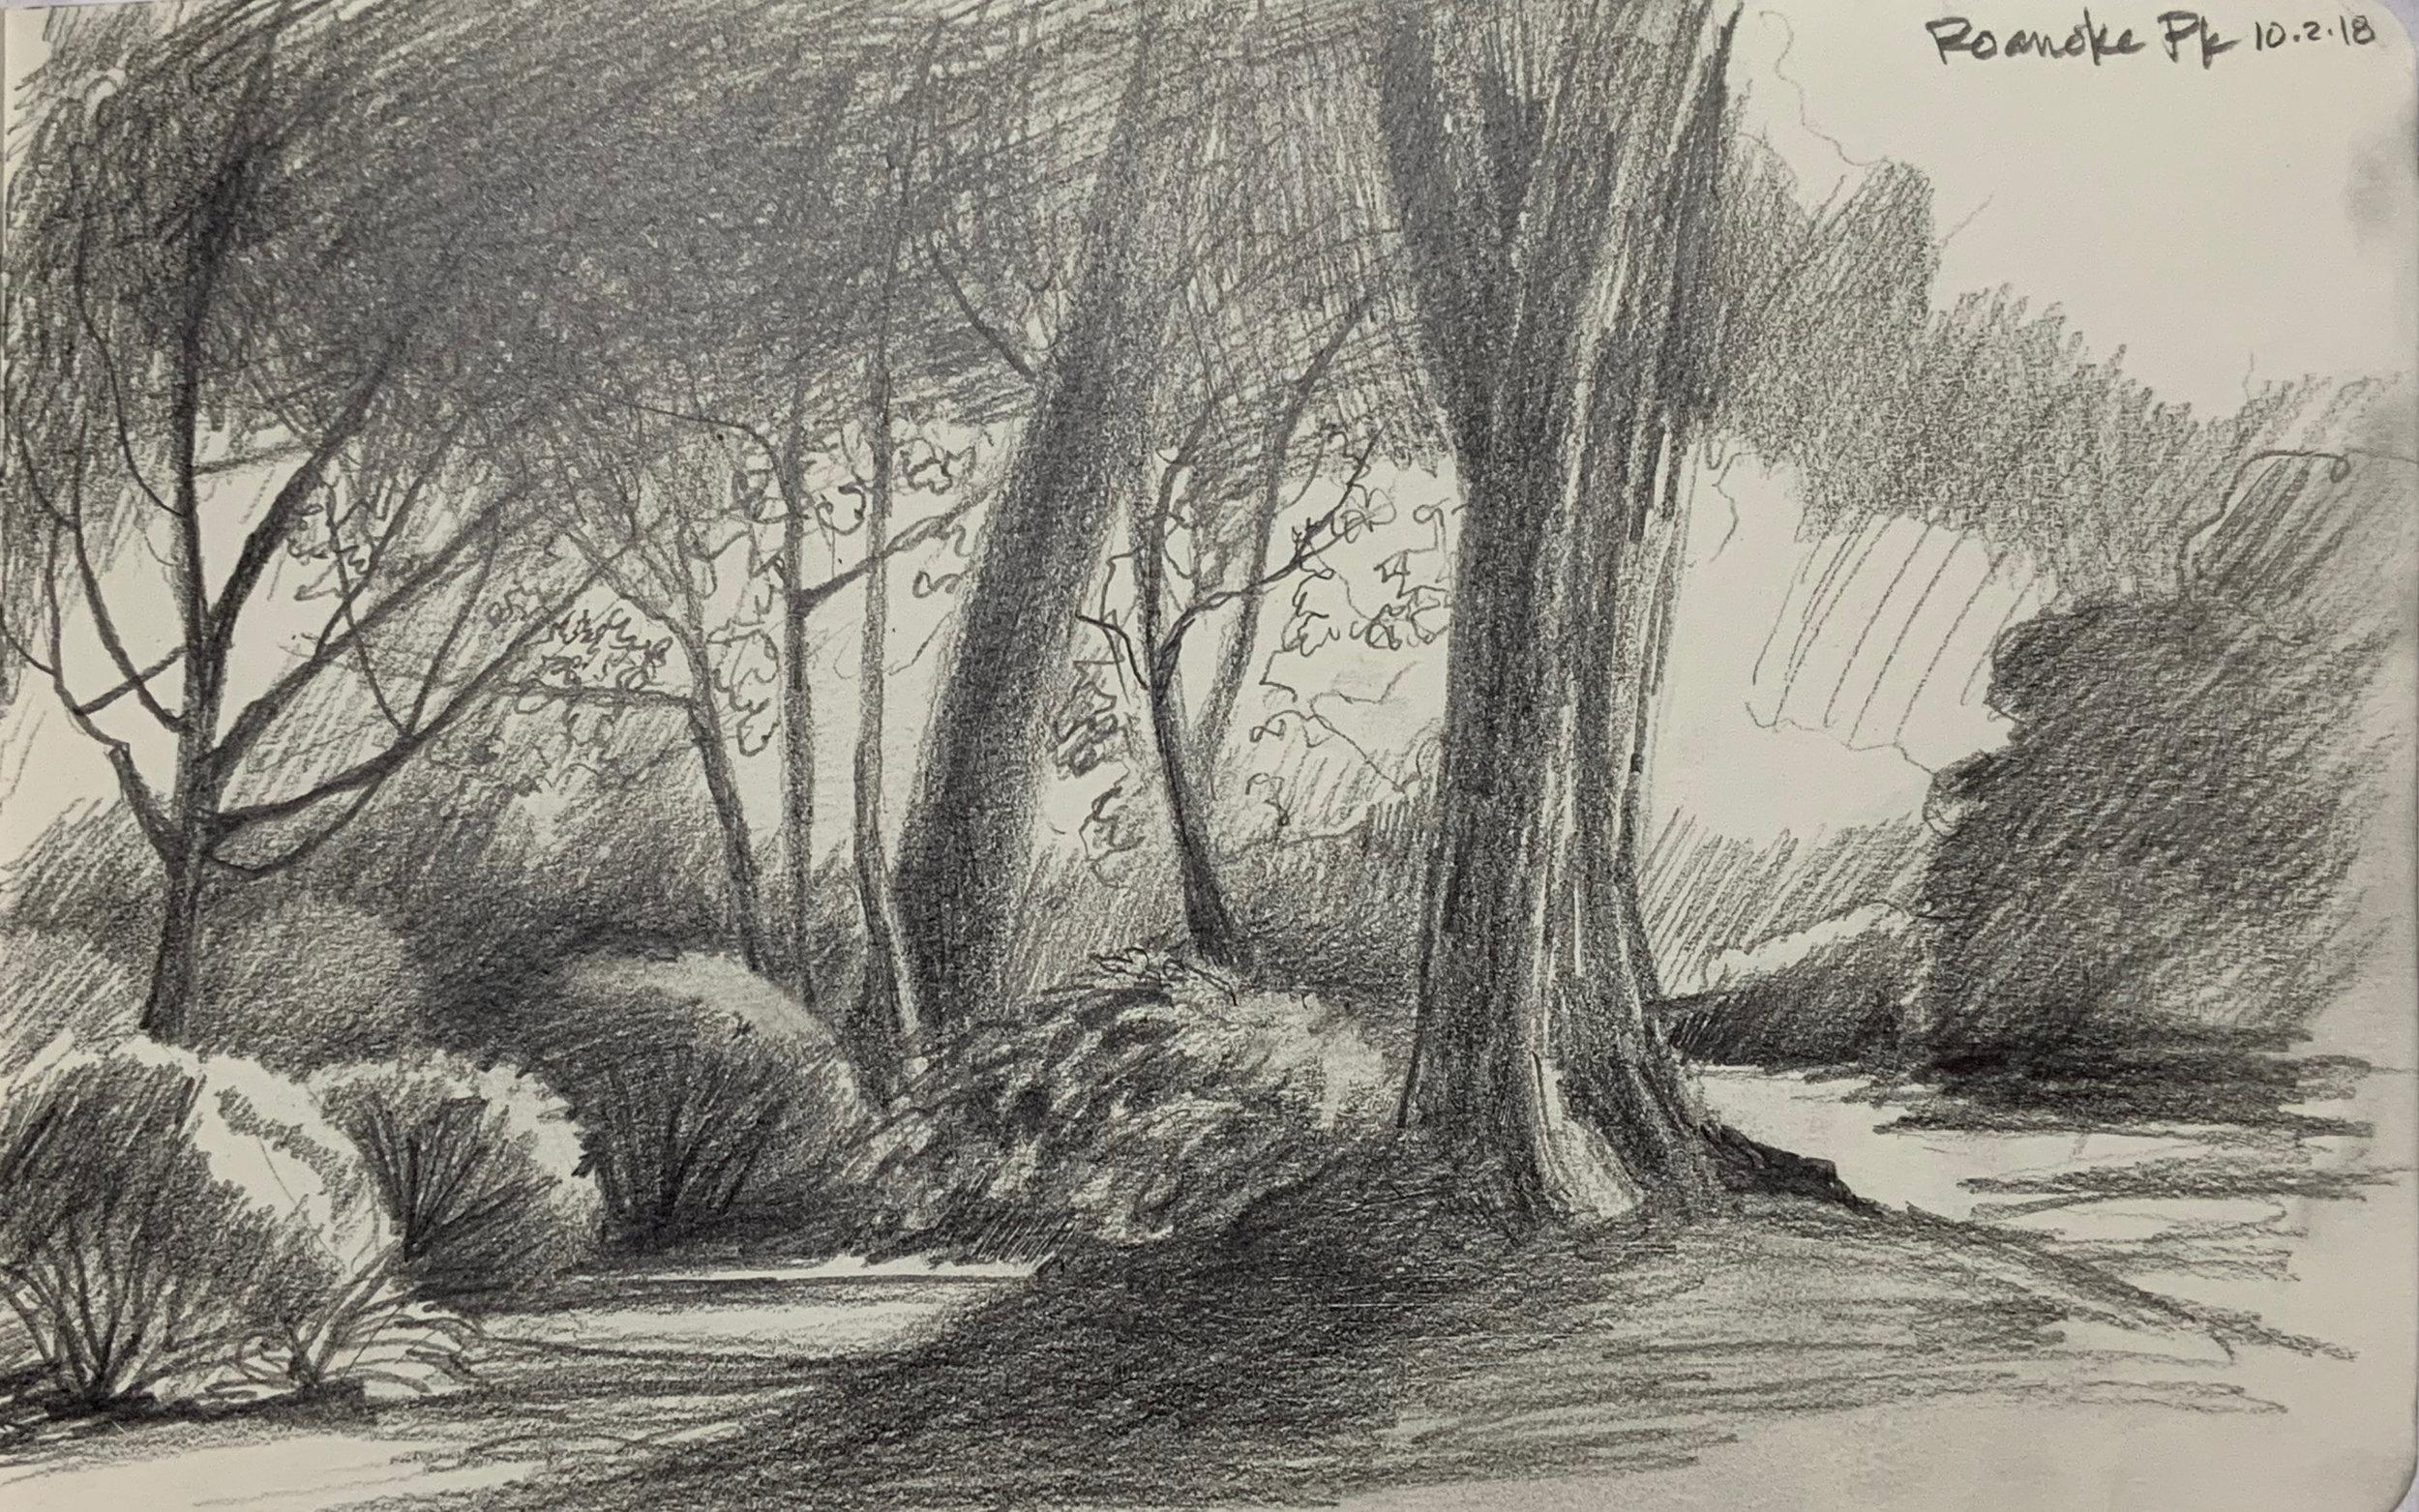 """""""Roanoke Pk Sketch"""""""